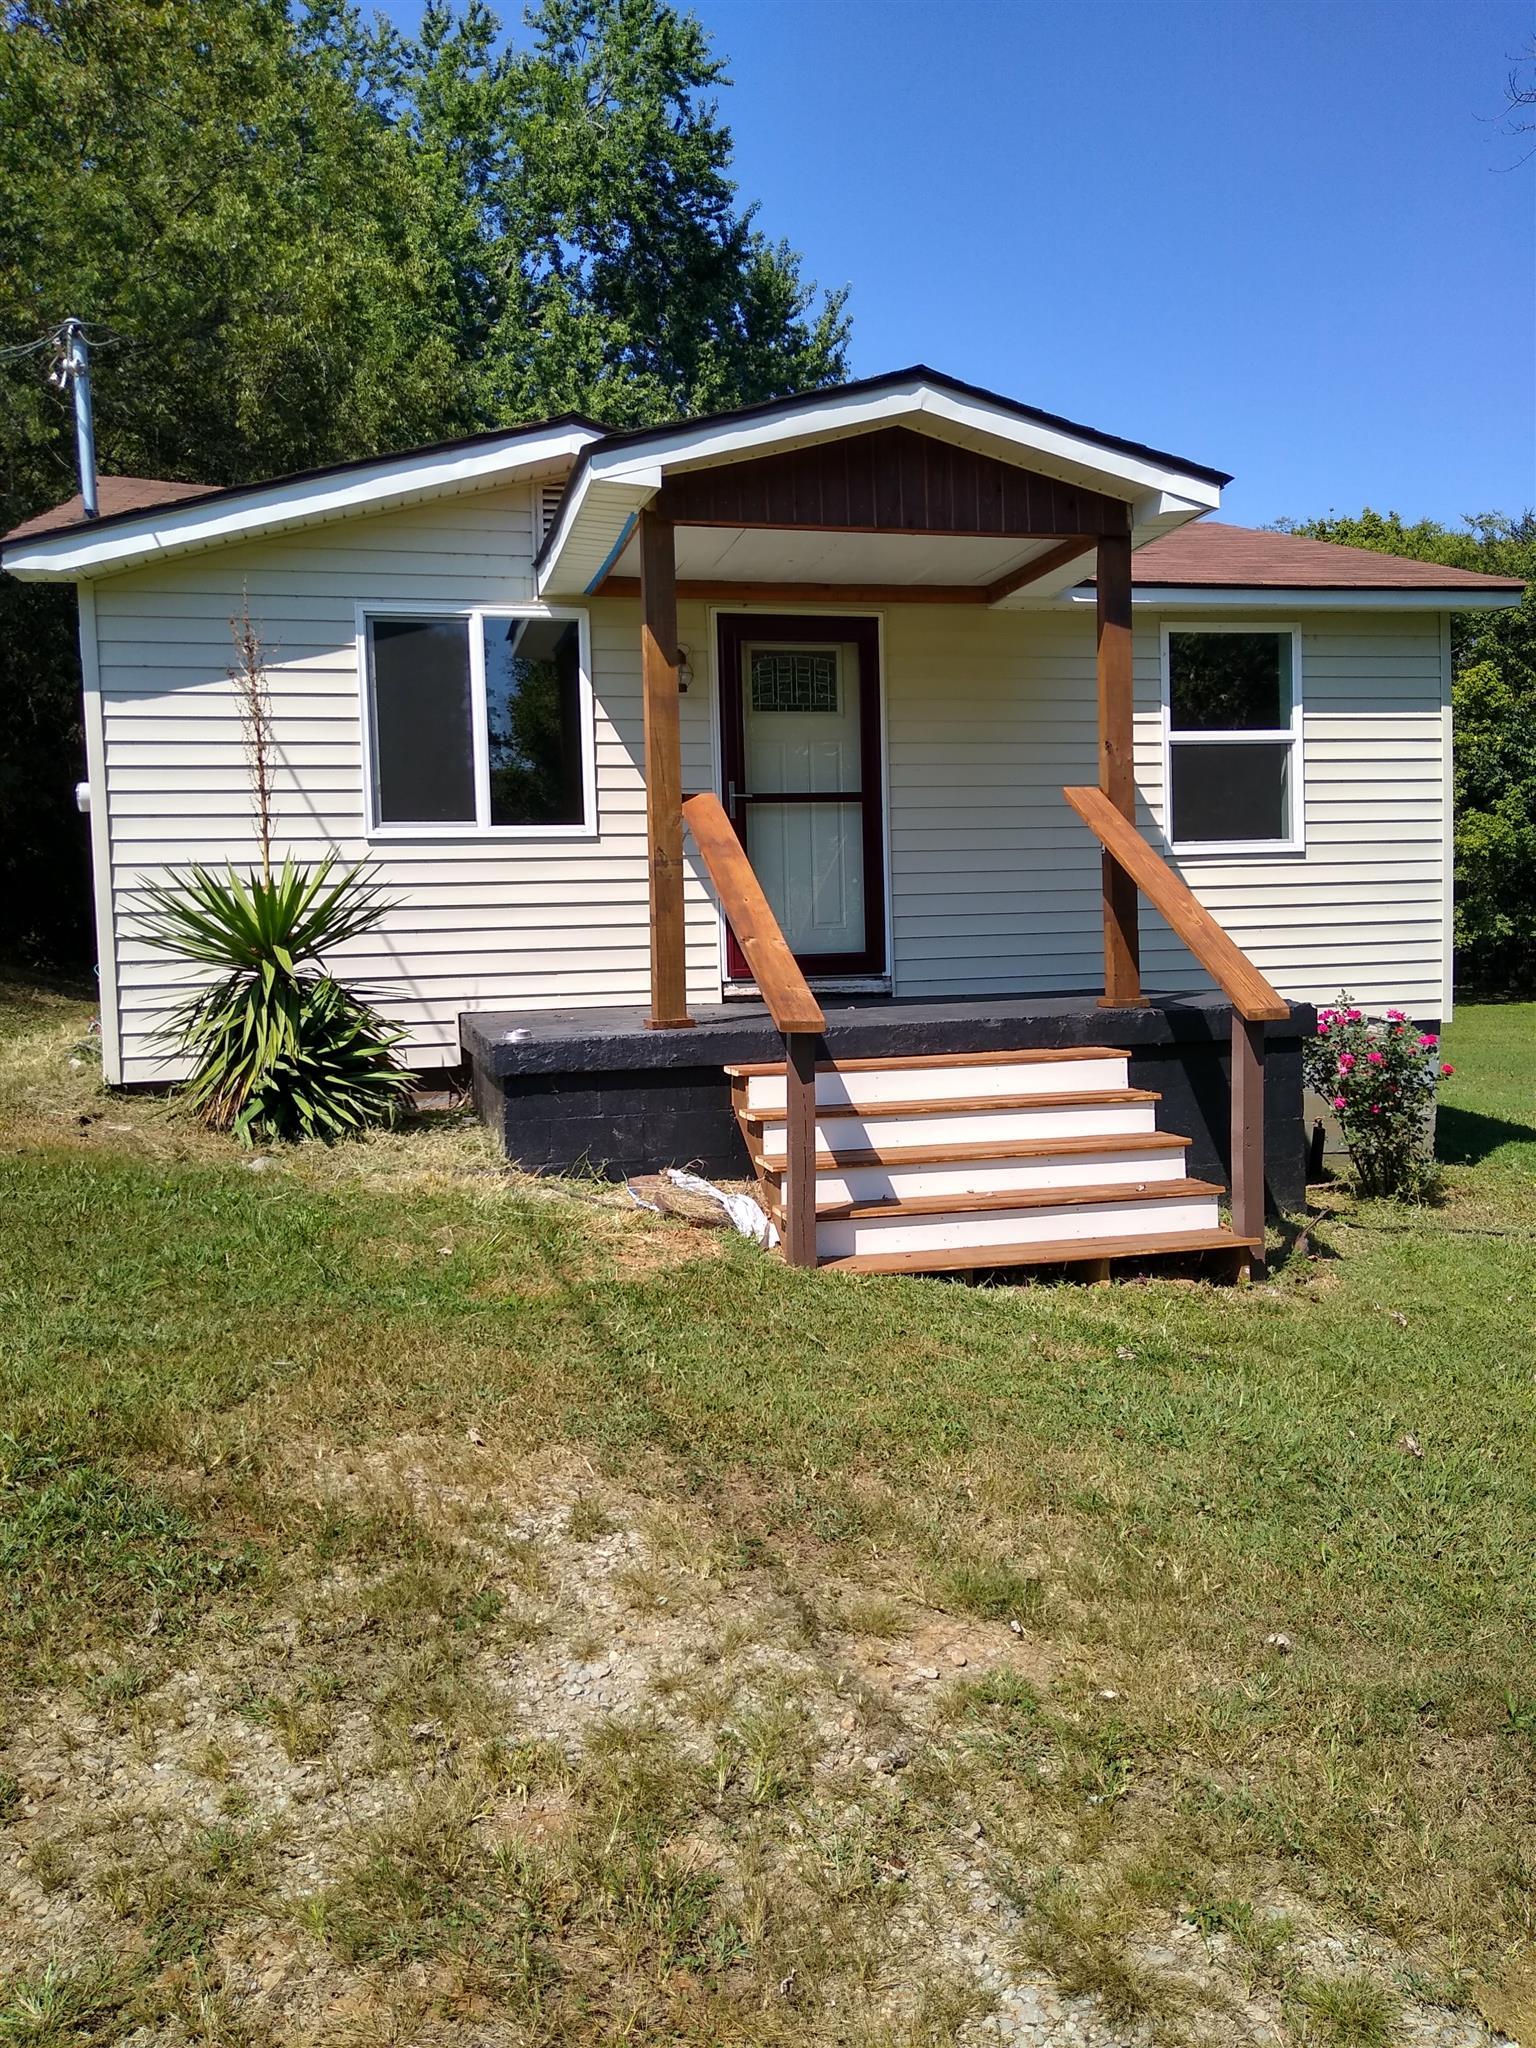 405 2Nd St N, Decherd, TN 37324 - Decherd, TN real estate listing